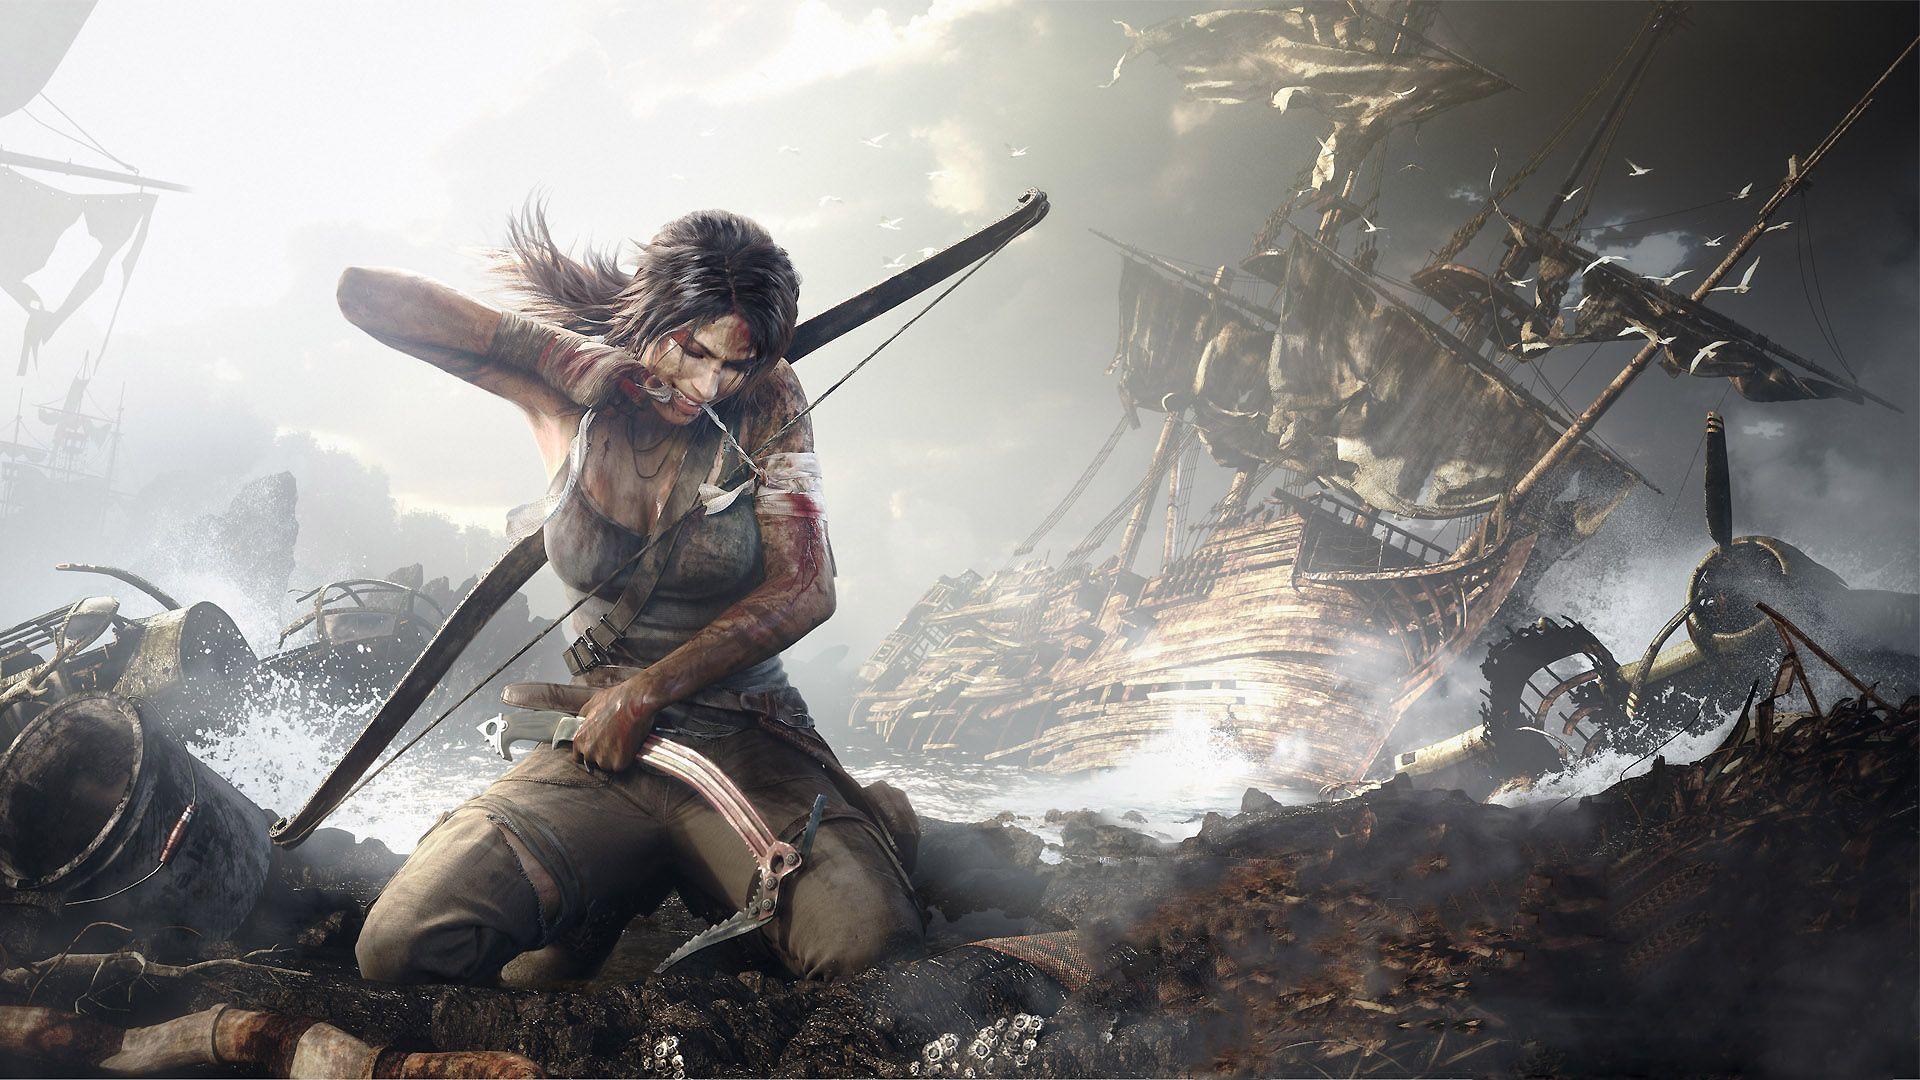 Tomb Raider 2017 Wallpapers HD - Wallpaper Cave Video Games 2017 Wallpaper Hd